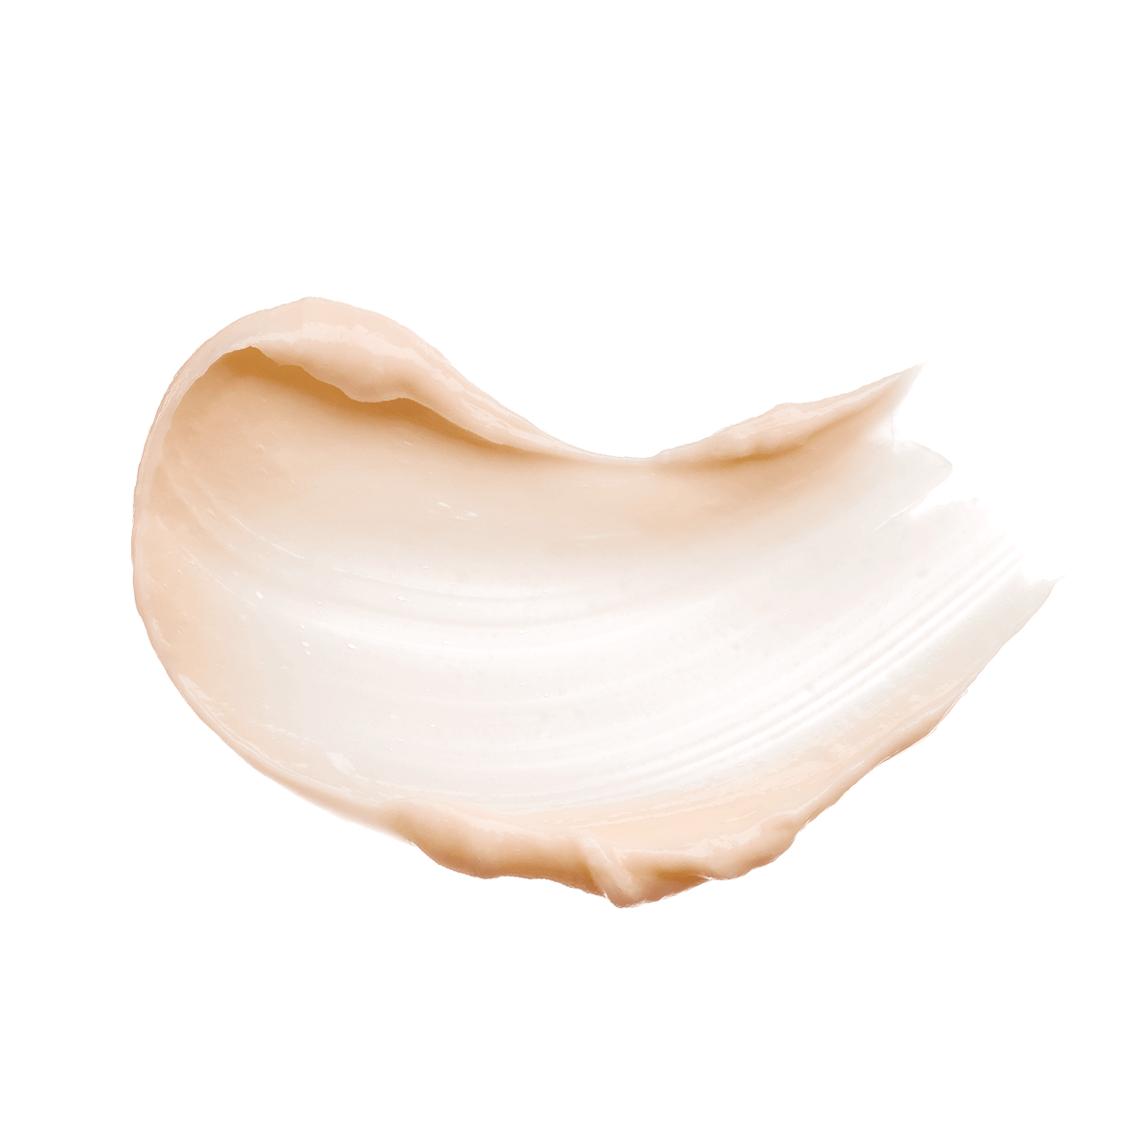 Pore Refiner